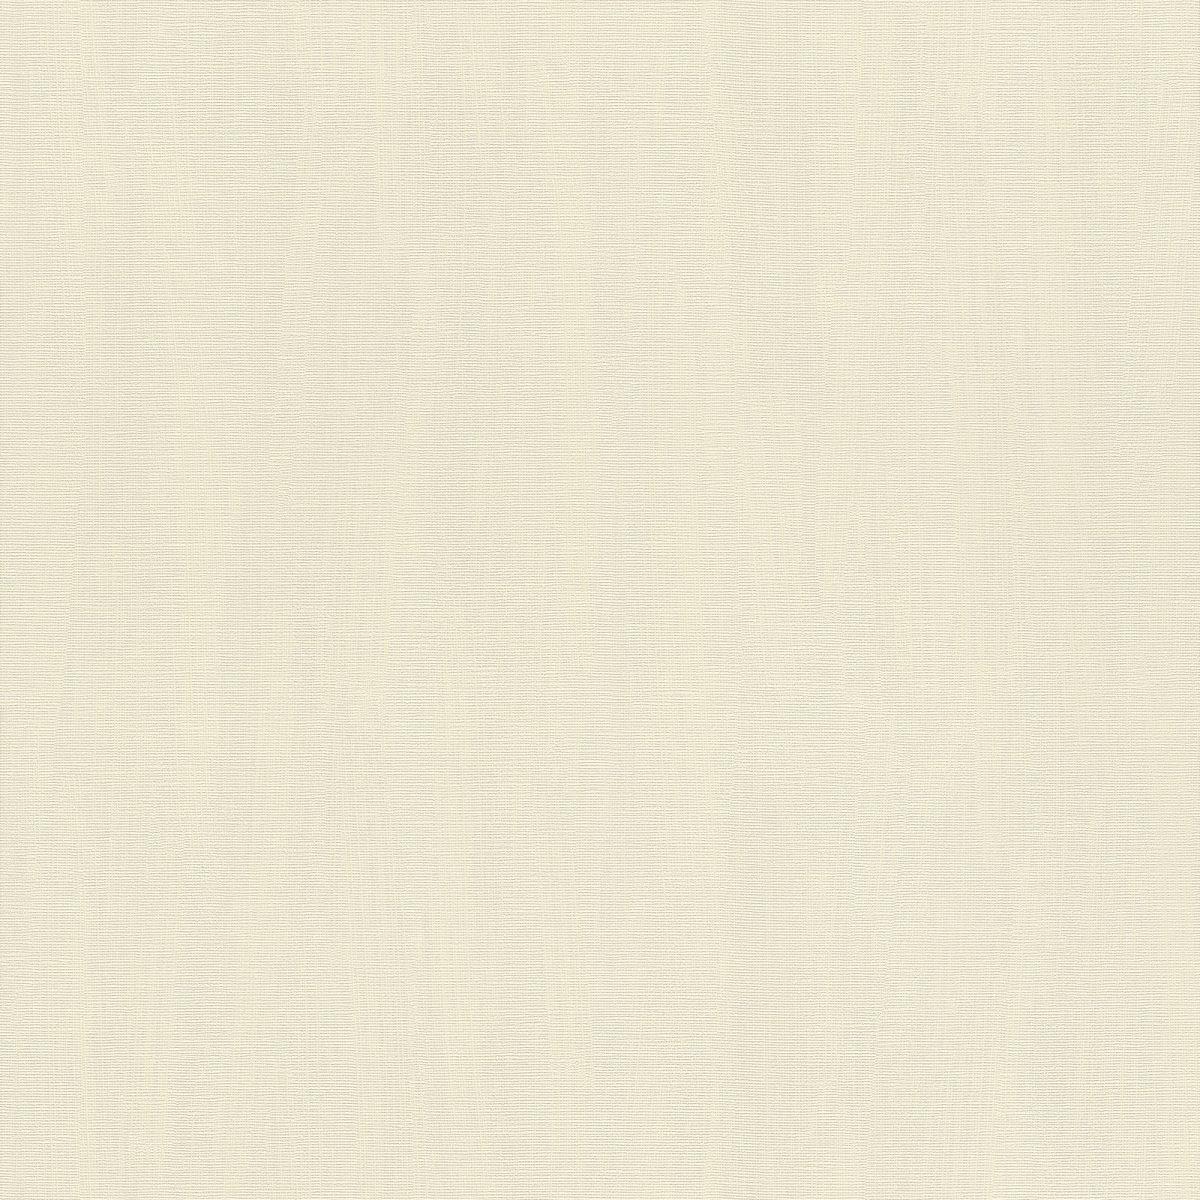 apel mural beige HYDE PARK 411911 RASCH